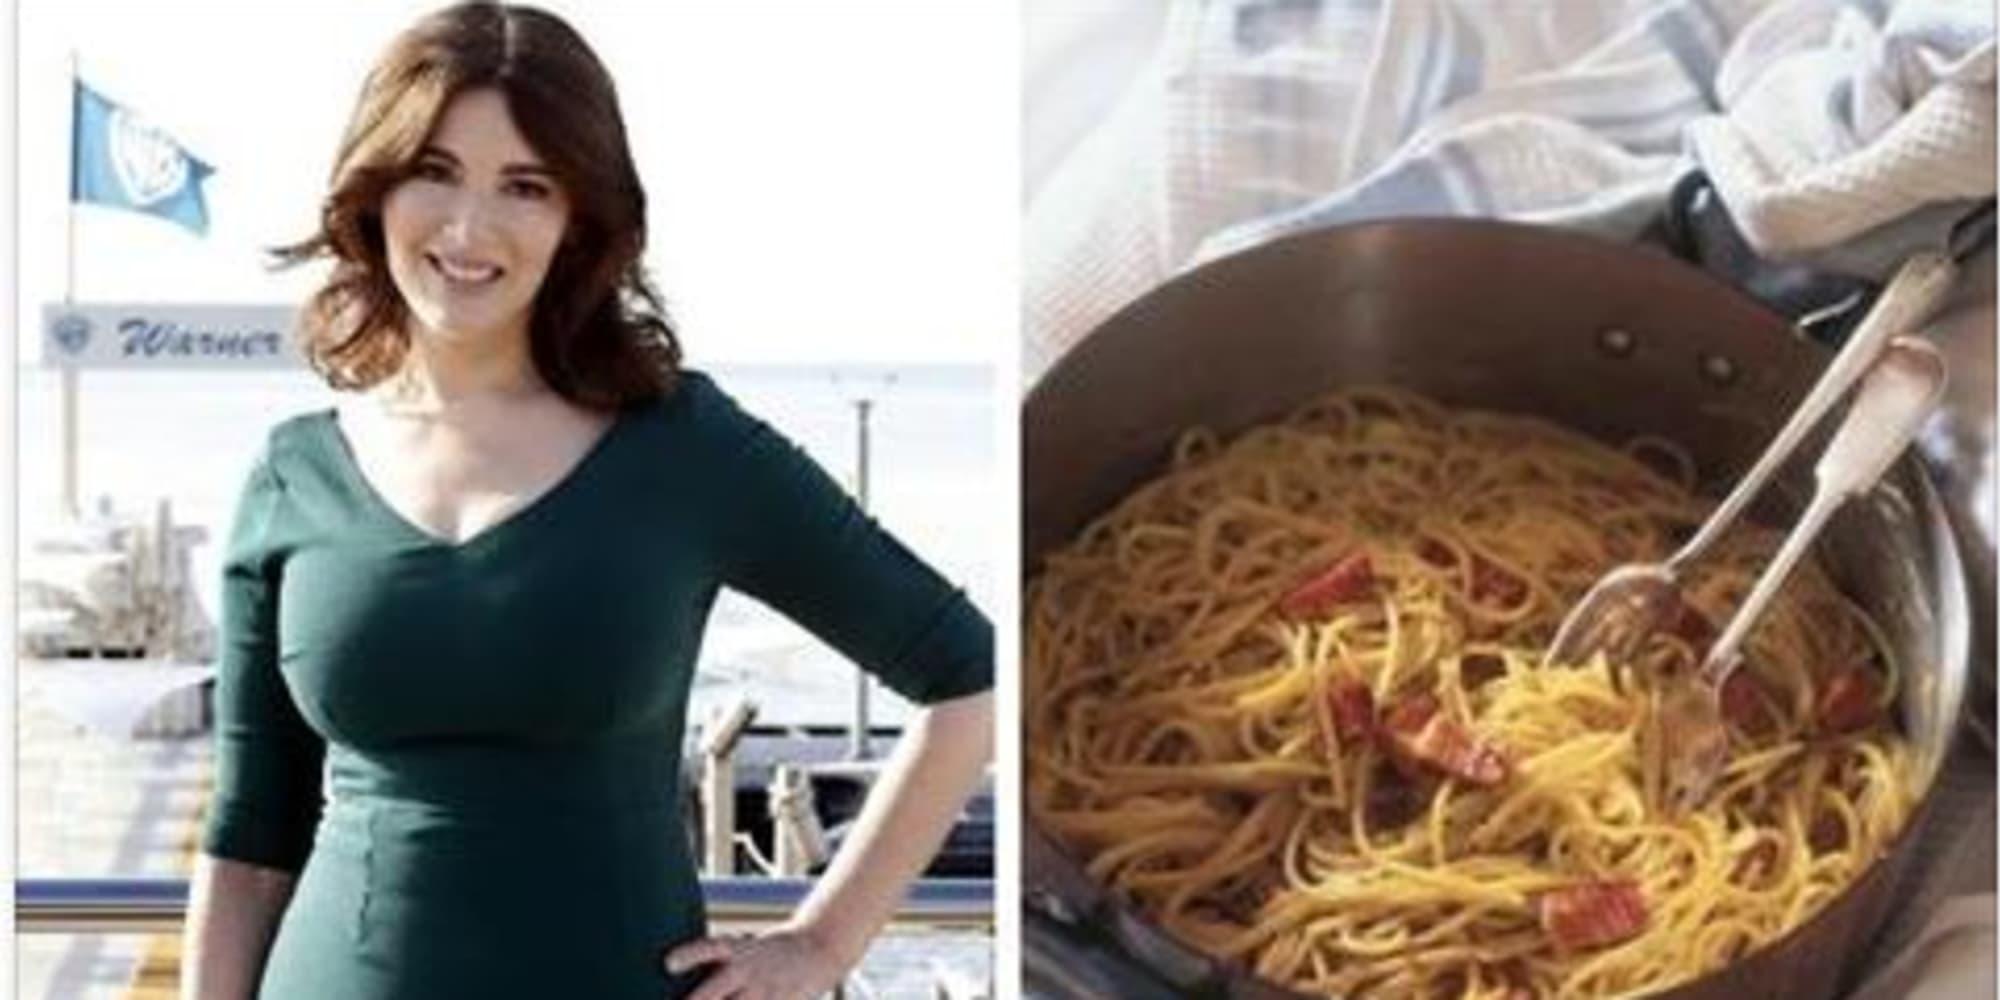 la carbonara di questa famosissima chef inglese un oltraggio alla cucina italiana